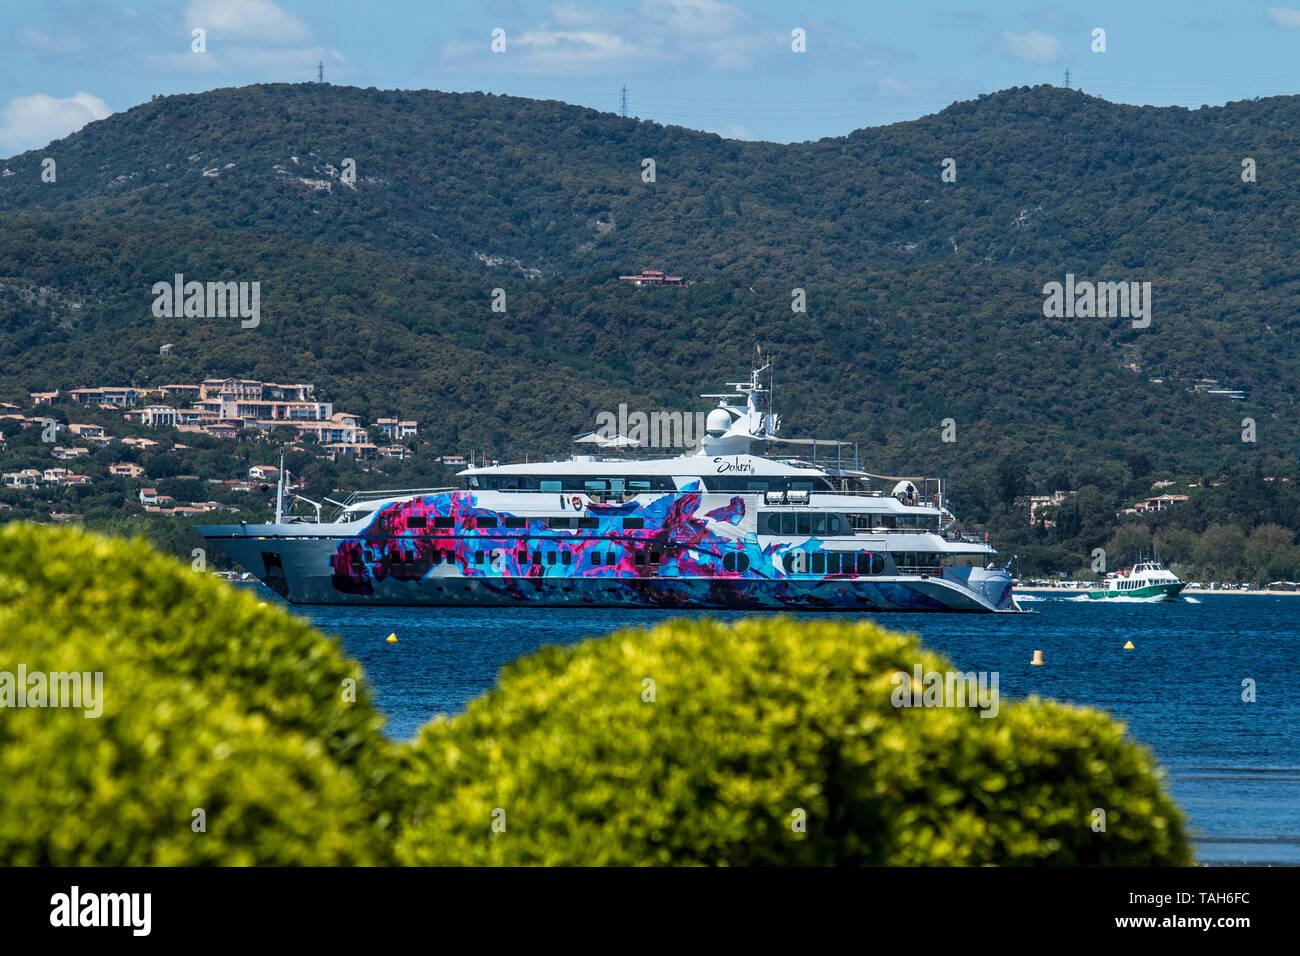 Saint Tropez, France Cote d Azur Marine Services - SALUZI Yacht